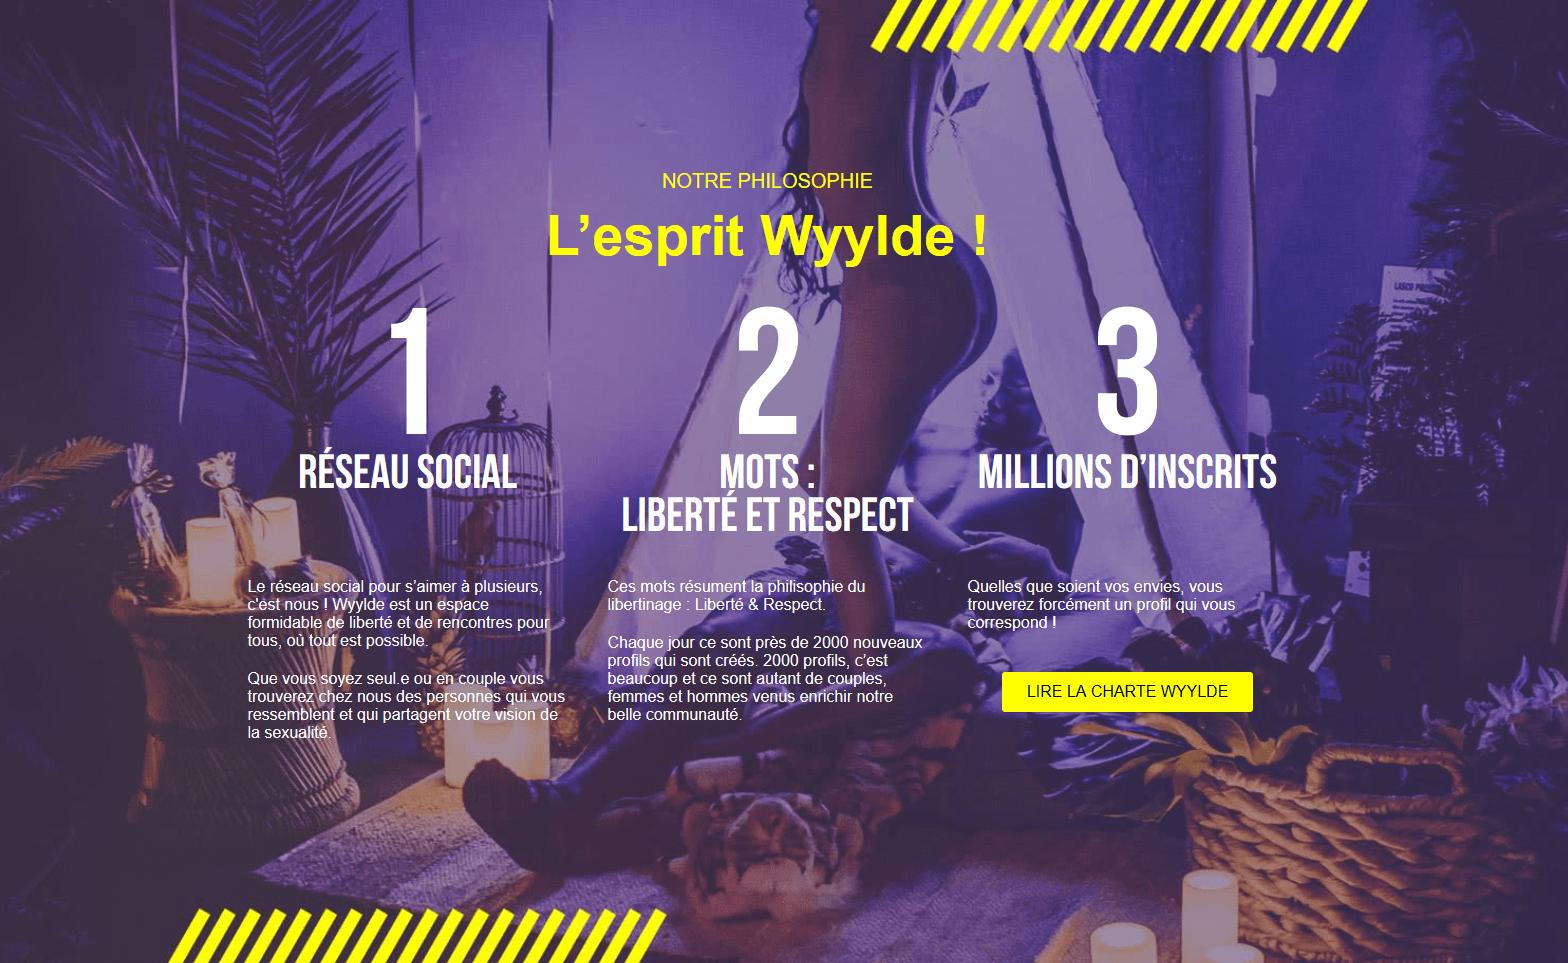 Esprit Wyylde